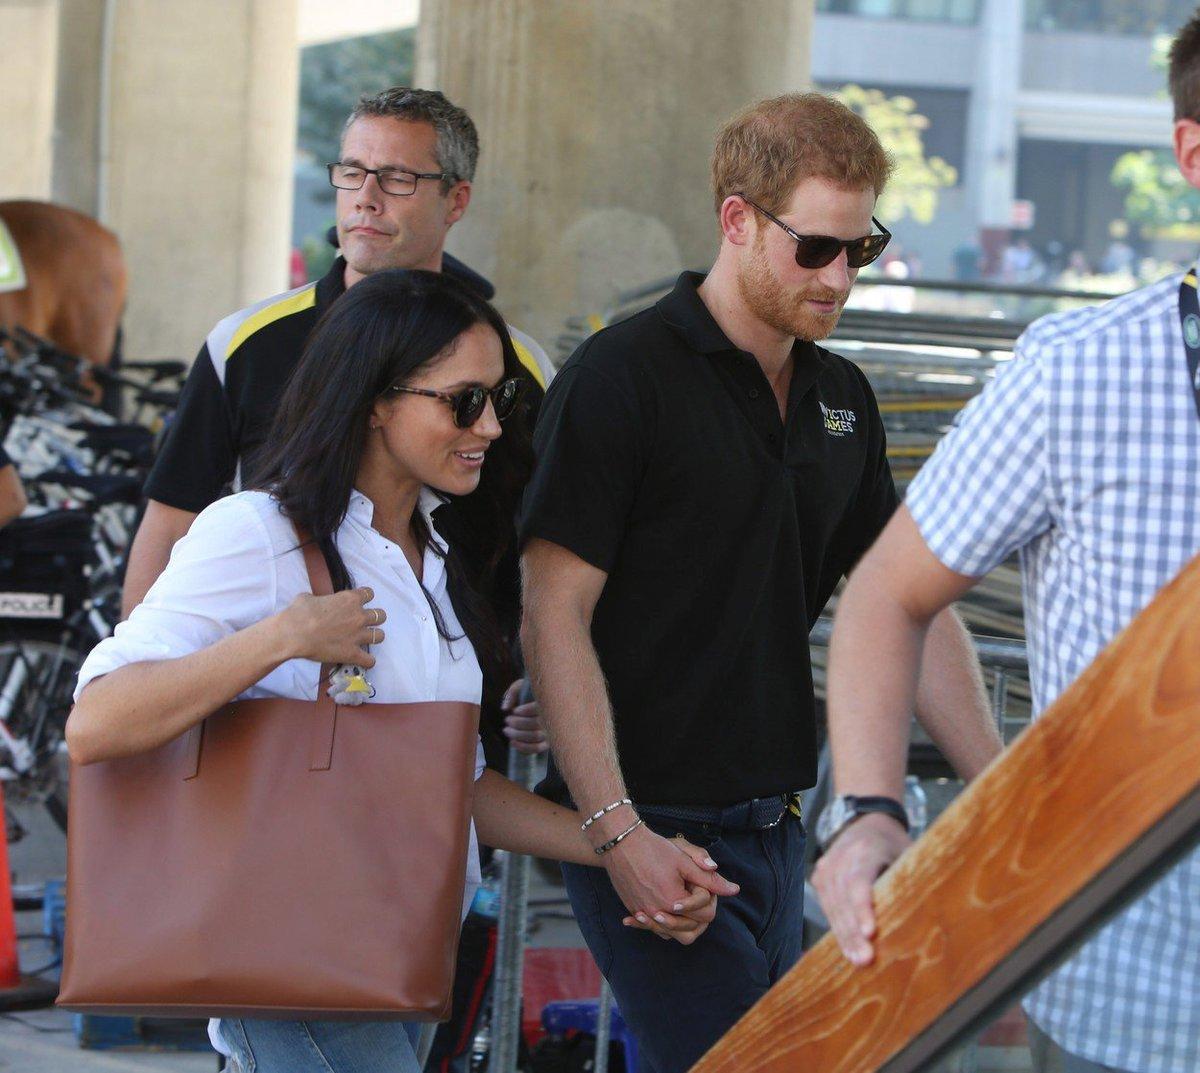 Princ Harry a Meghan Markle se na veřejnosti drželi za ruce